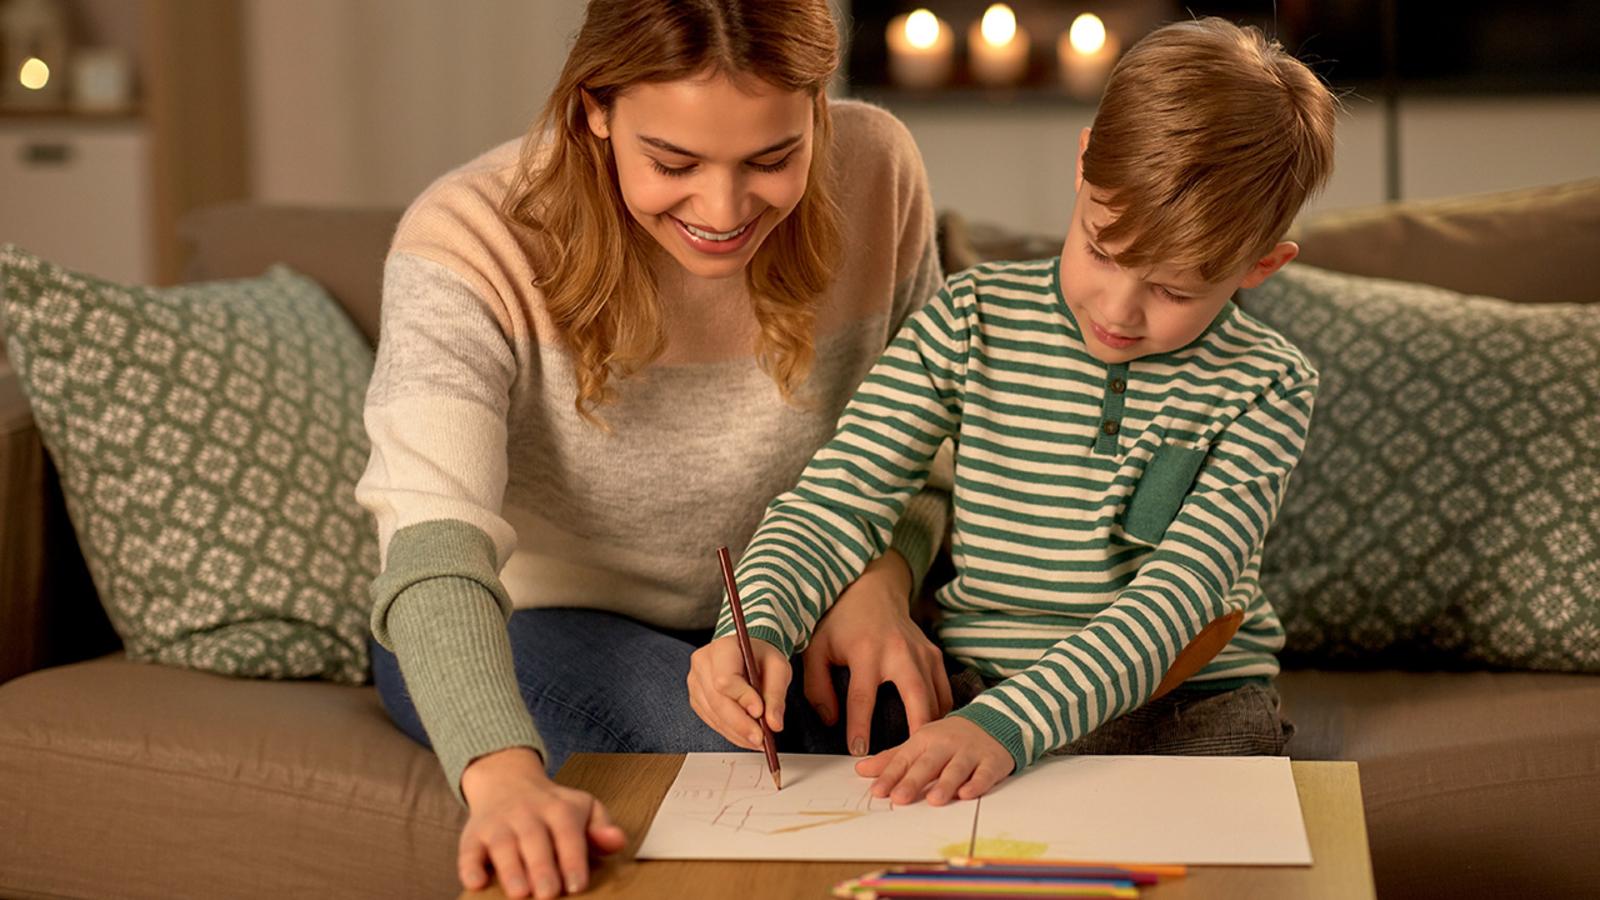 δημιουργική απασχόληση των παιδιών